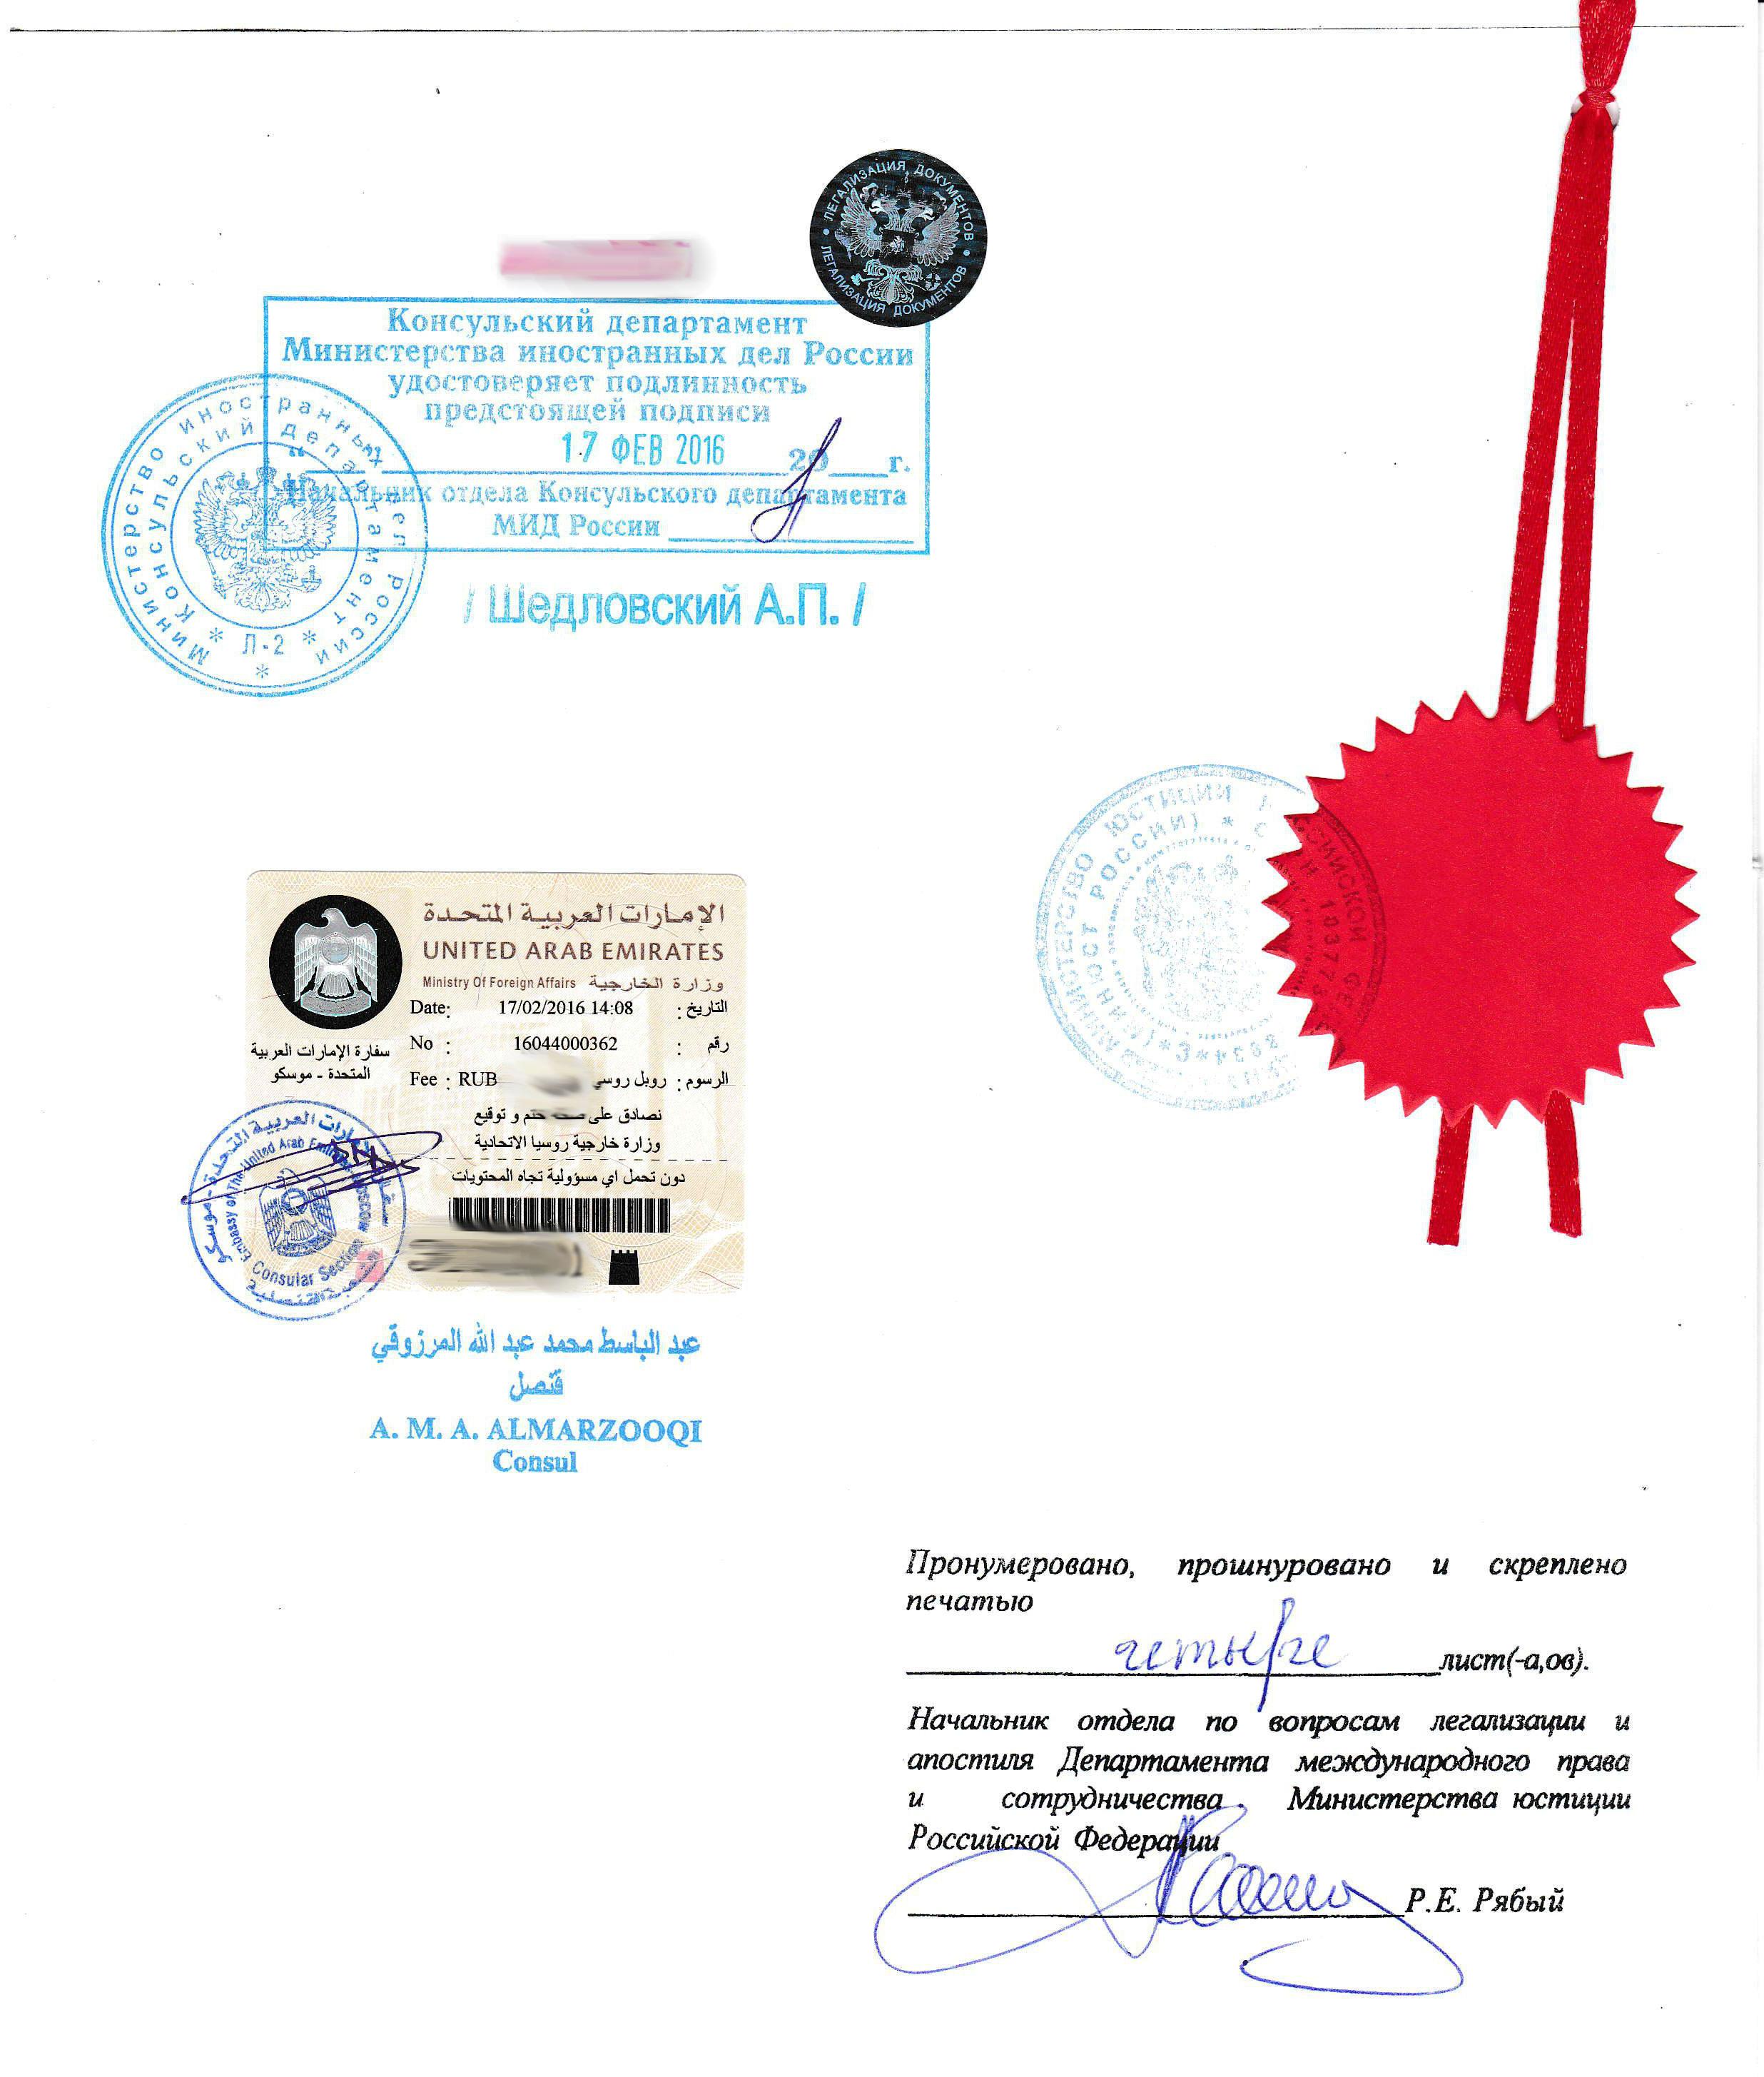 Легализация диплома в Дубае или как переехать в ОАЭ Можно ли отправить переведенные и заверенные копии